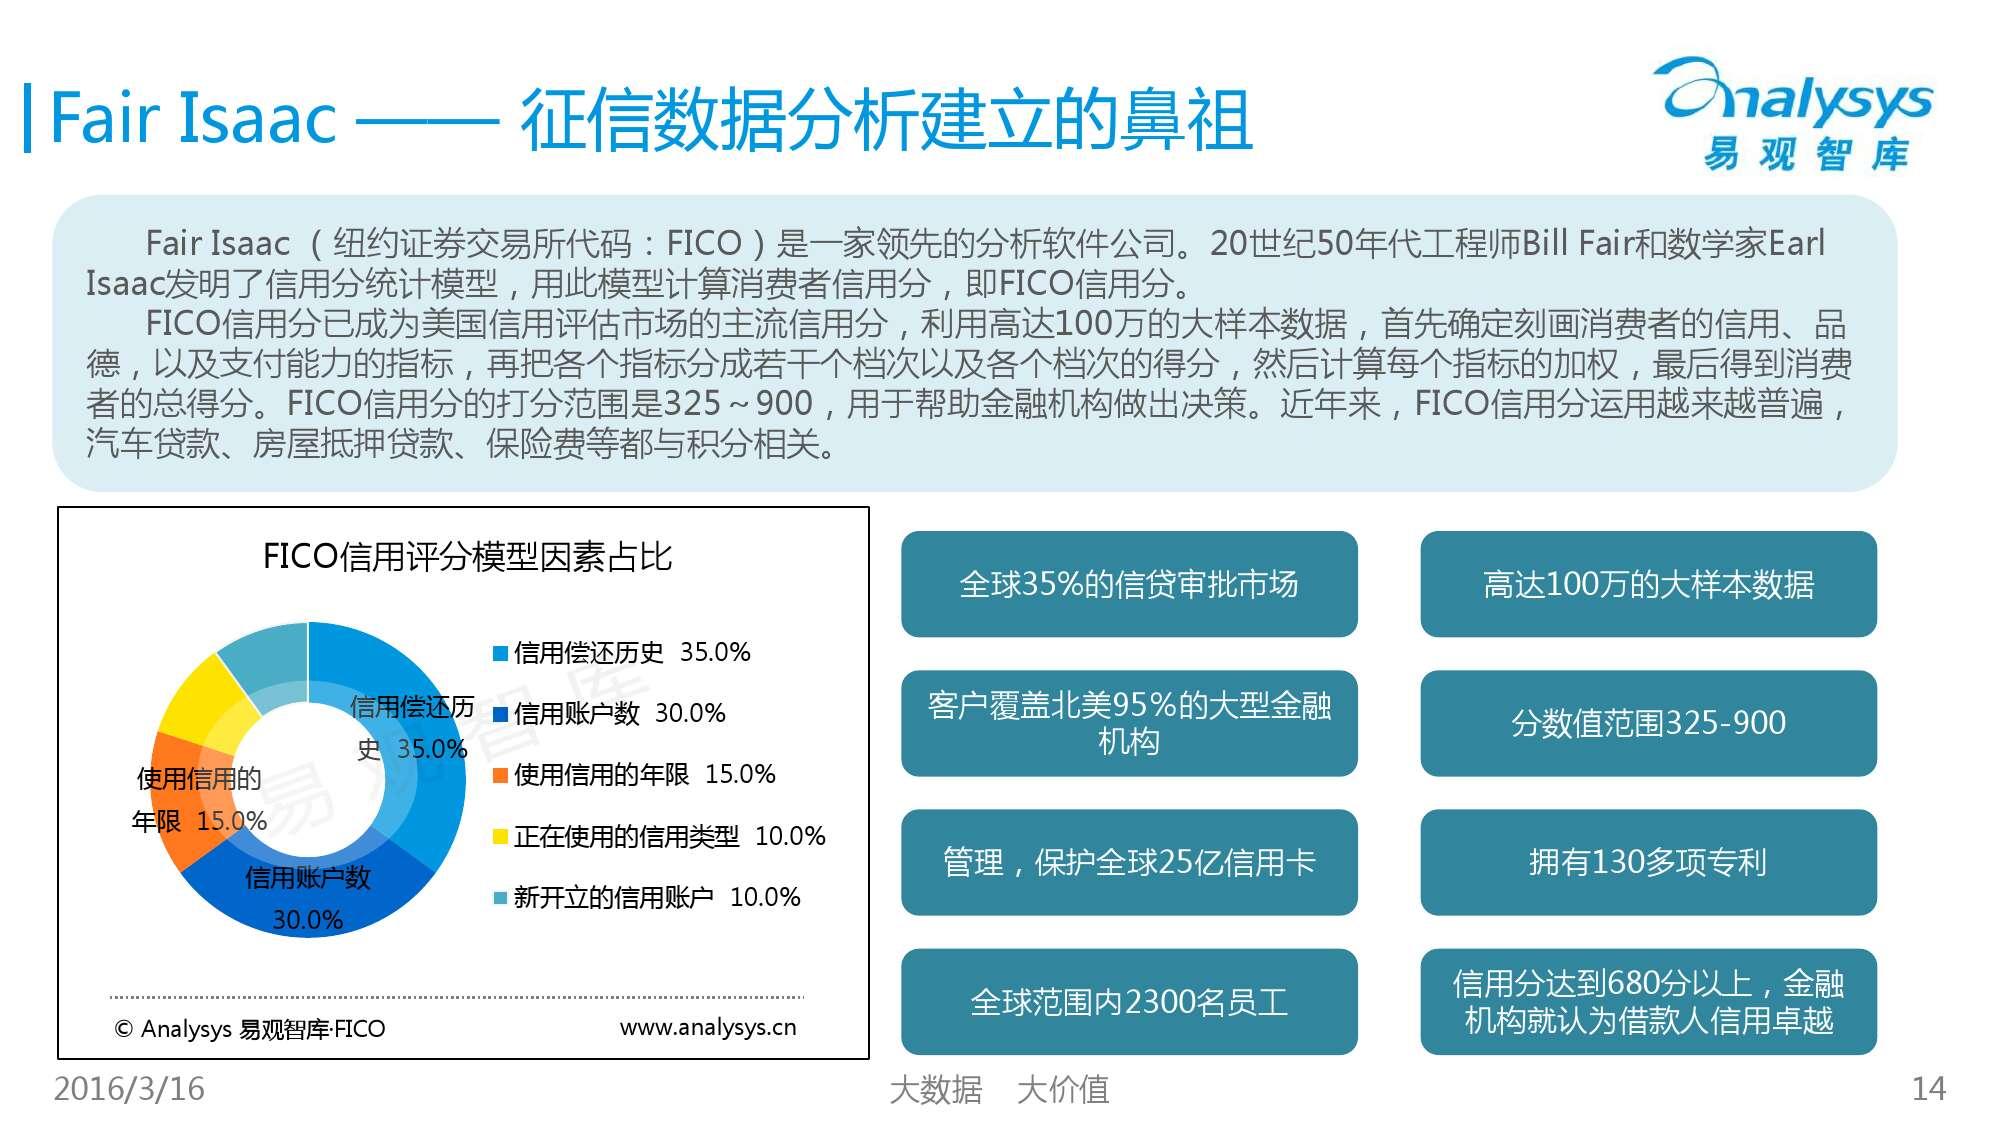 中国征信行业专题研究报告2016_000014